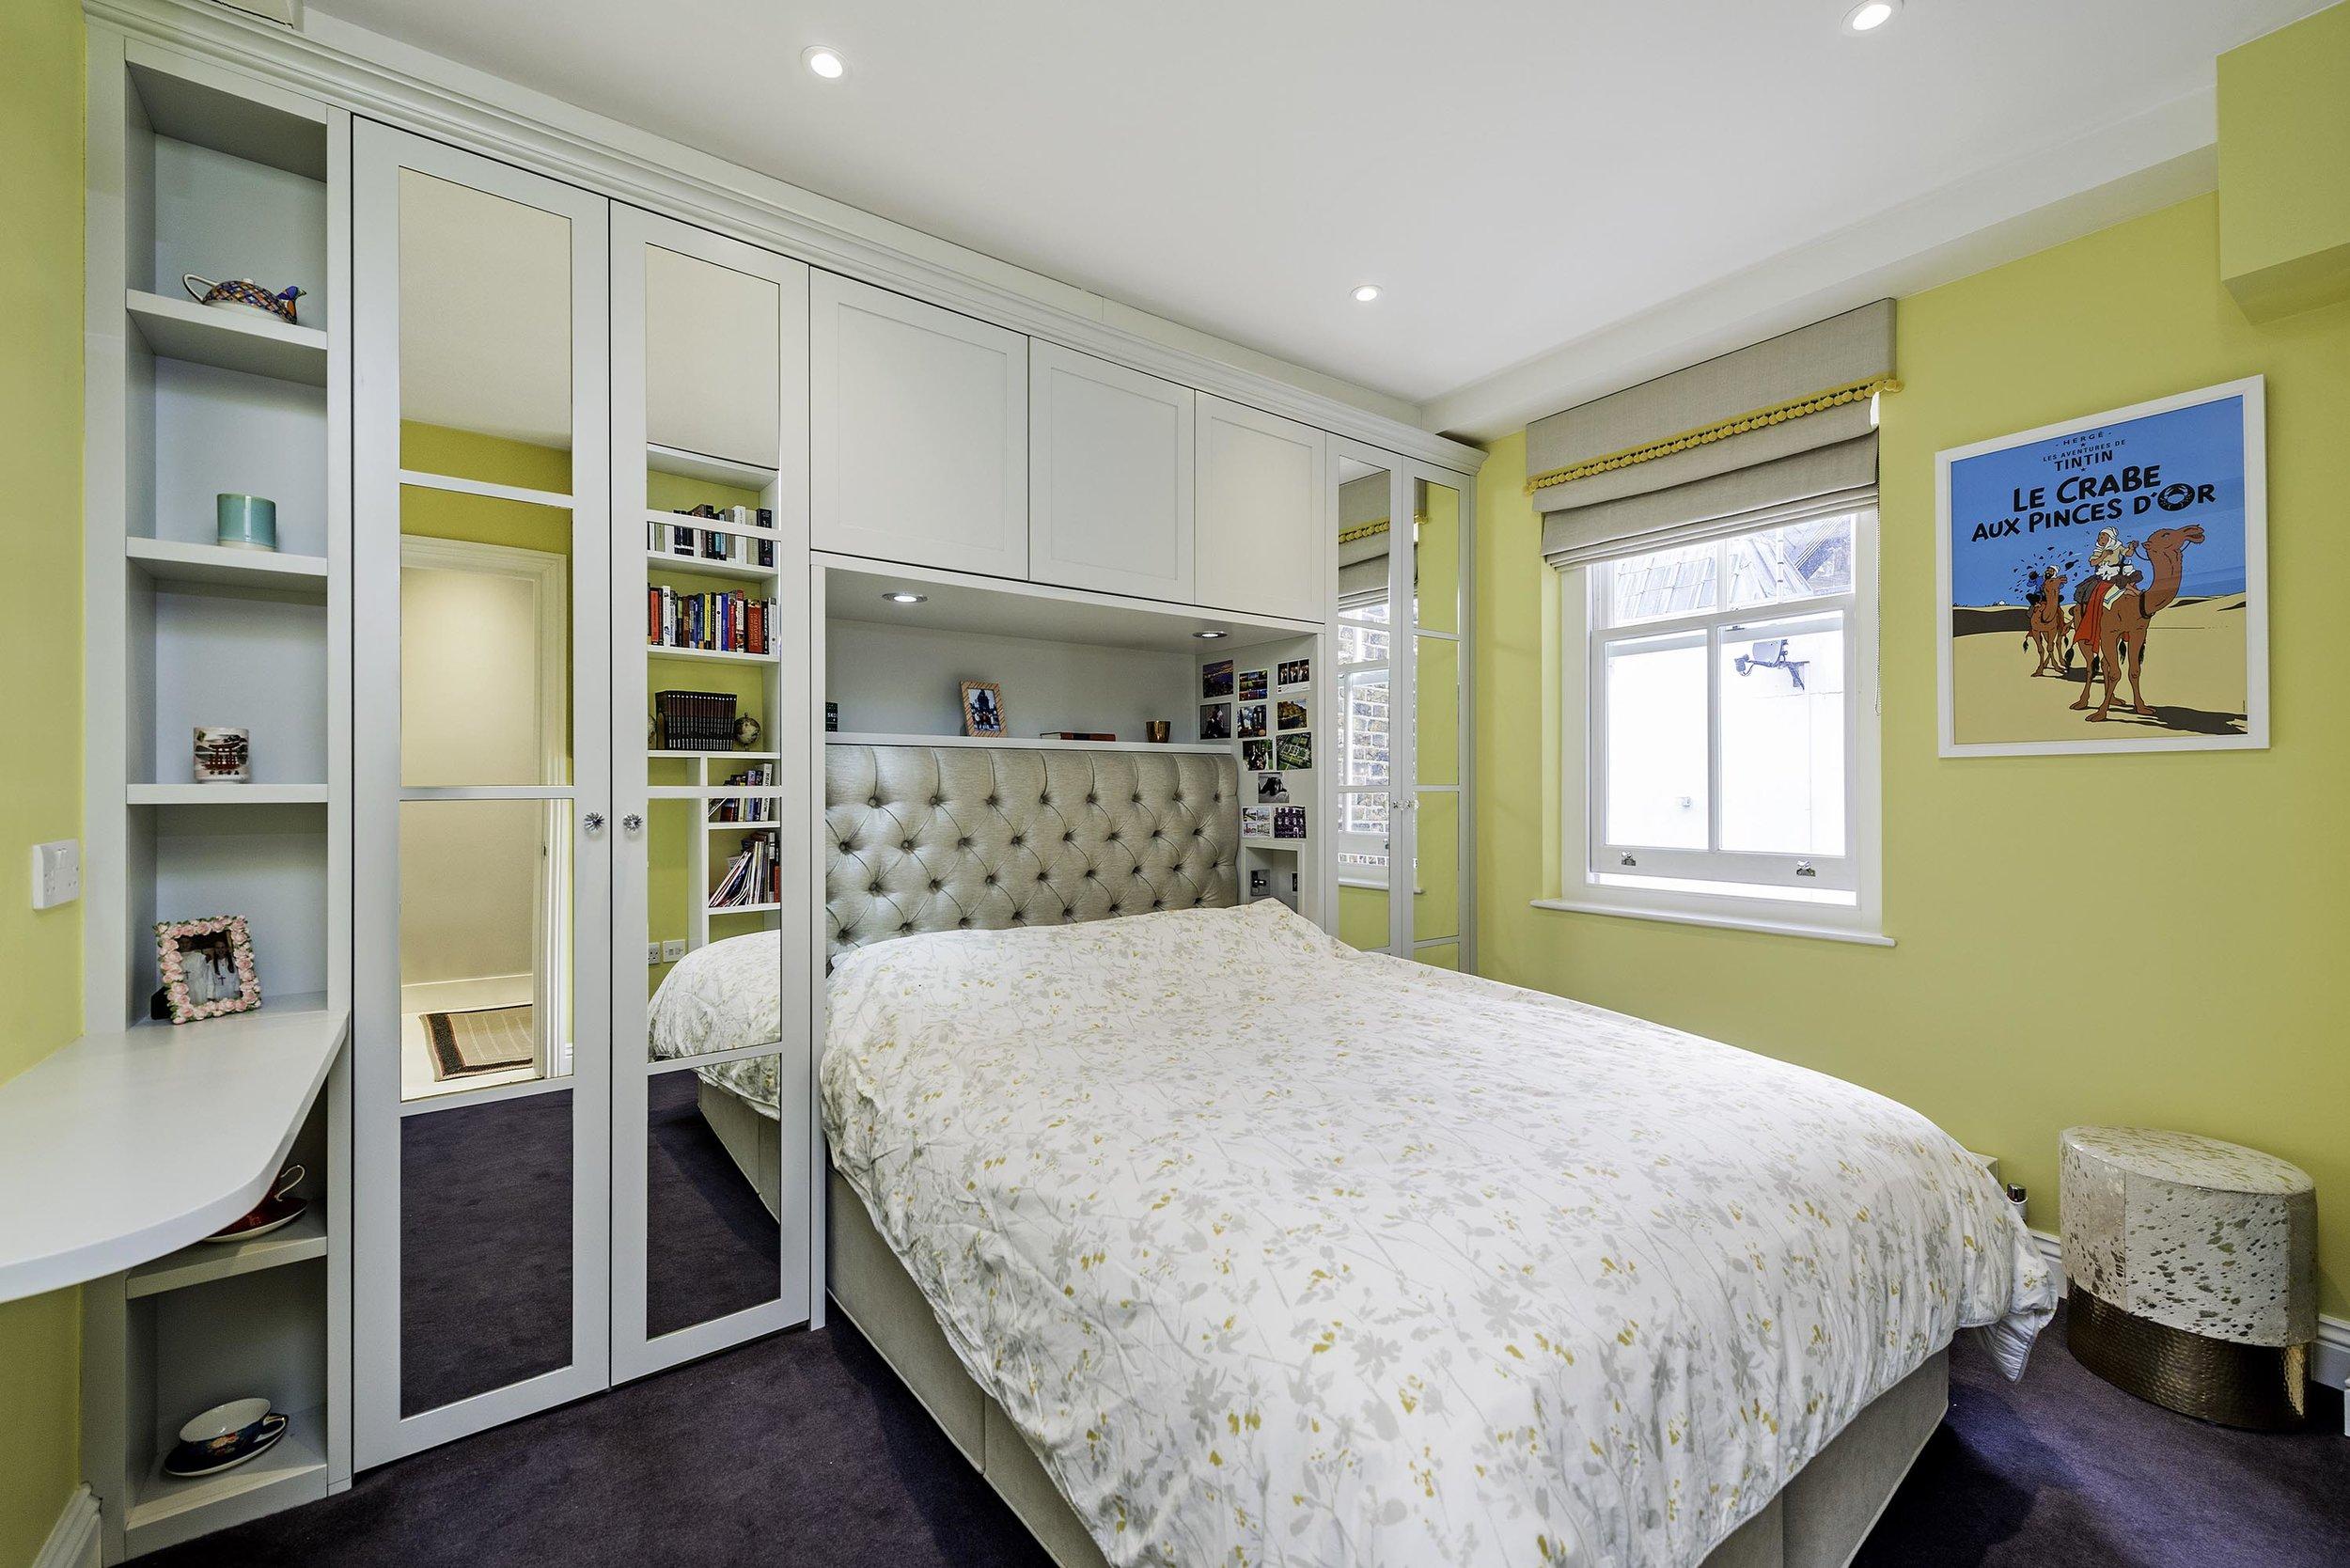 interior design company chelsea